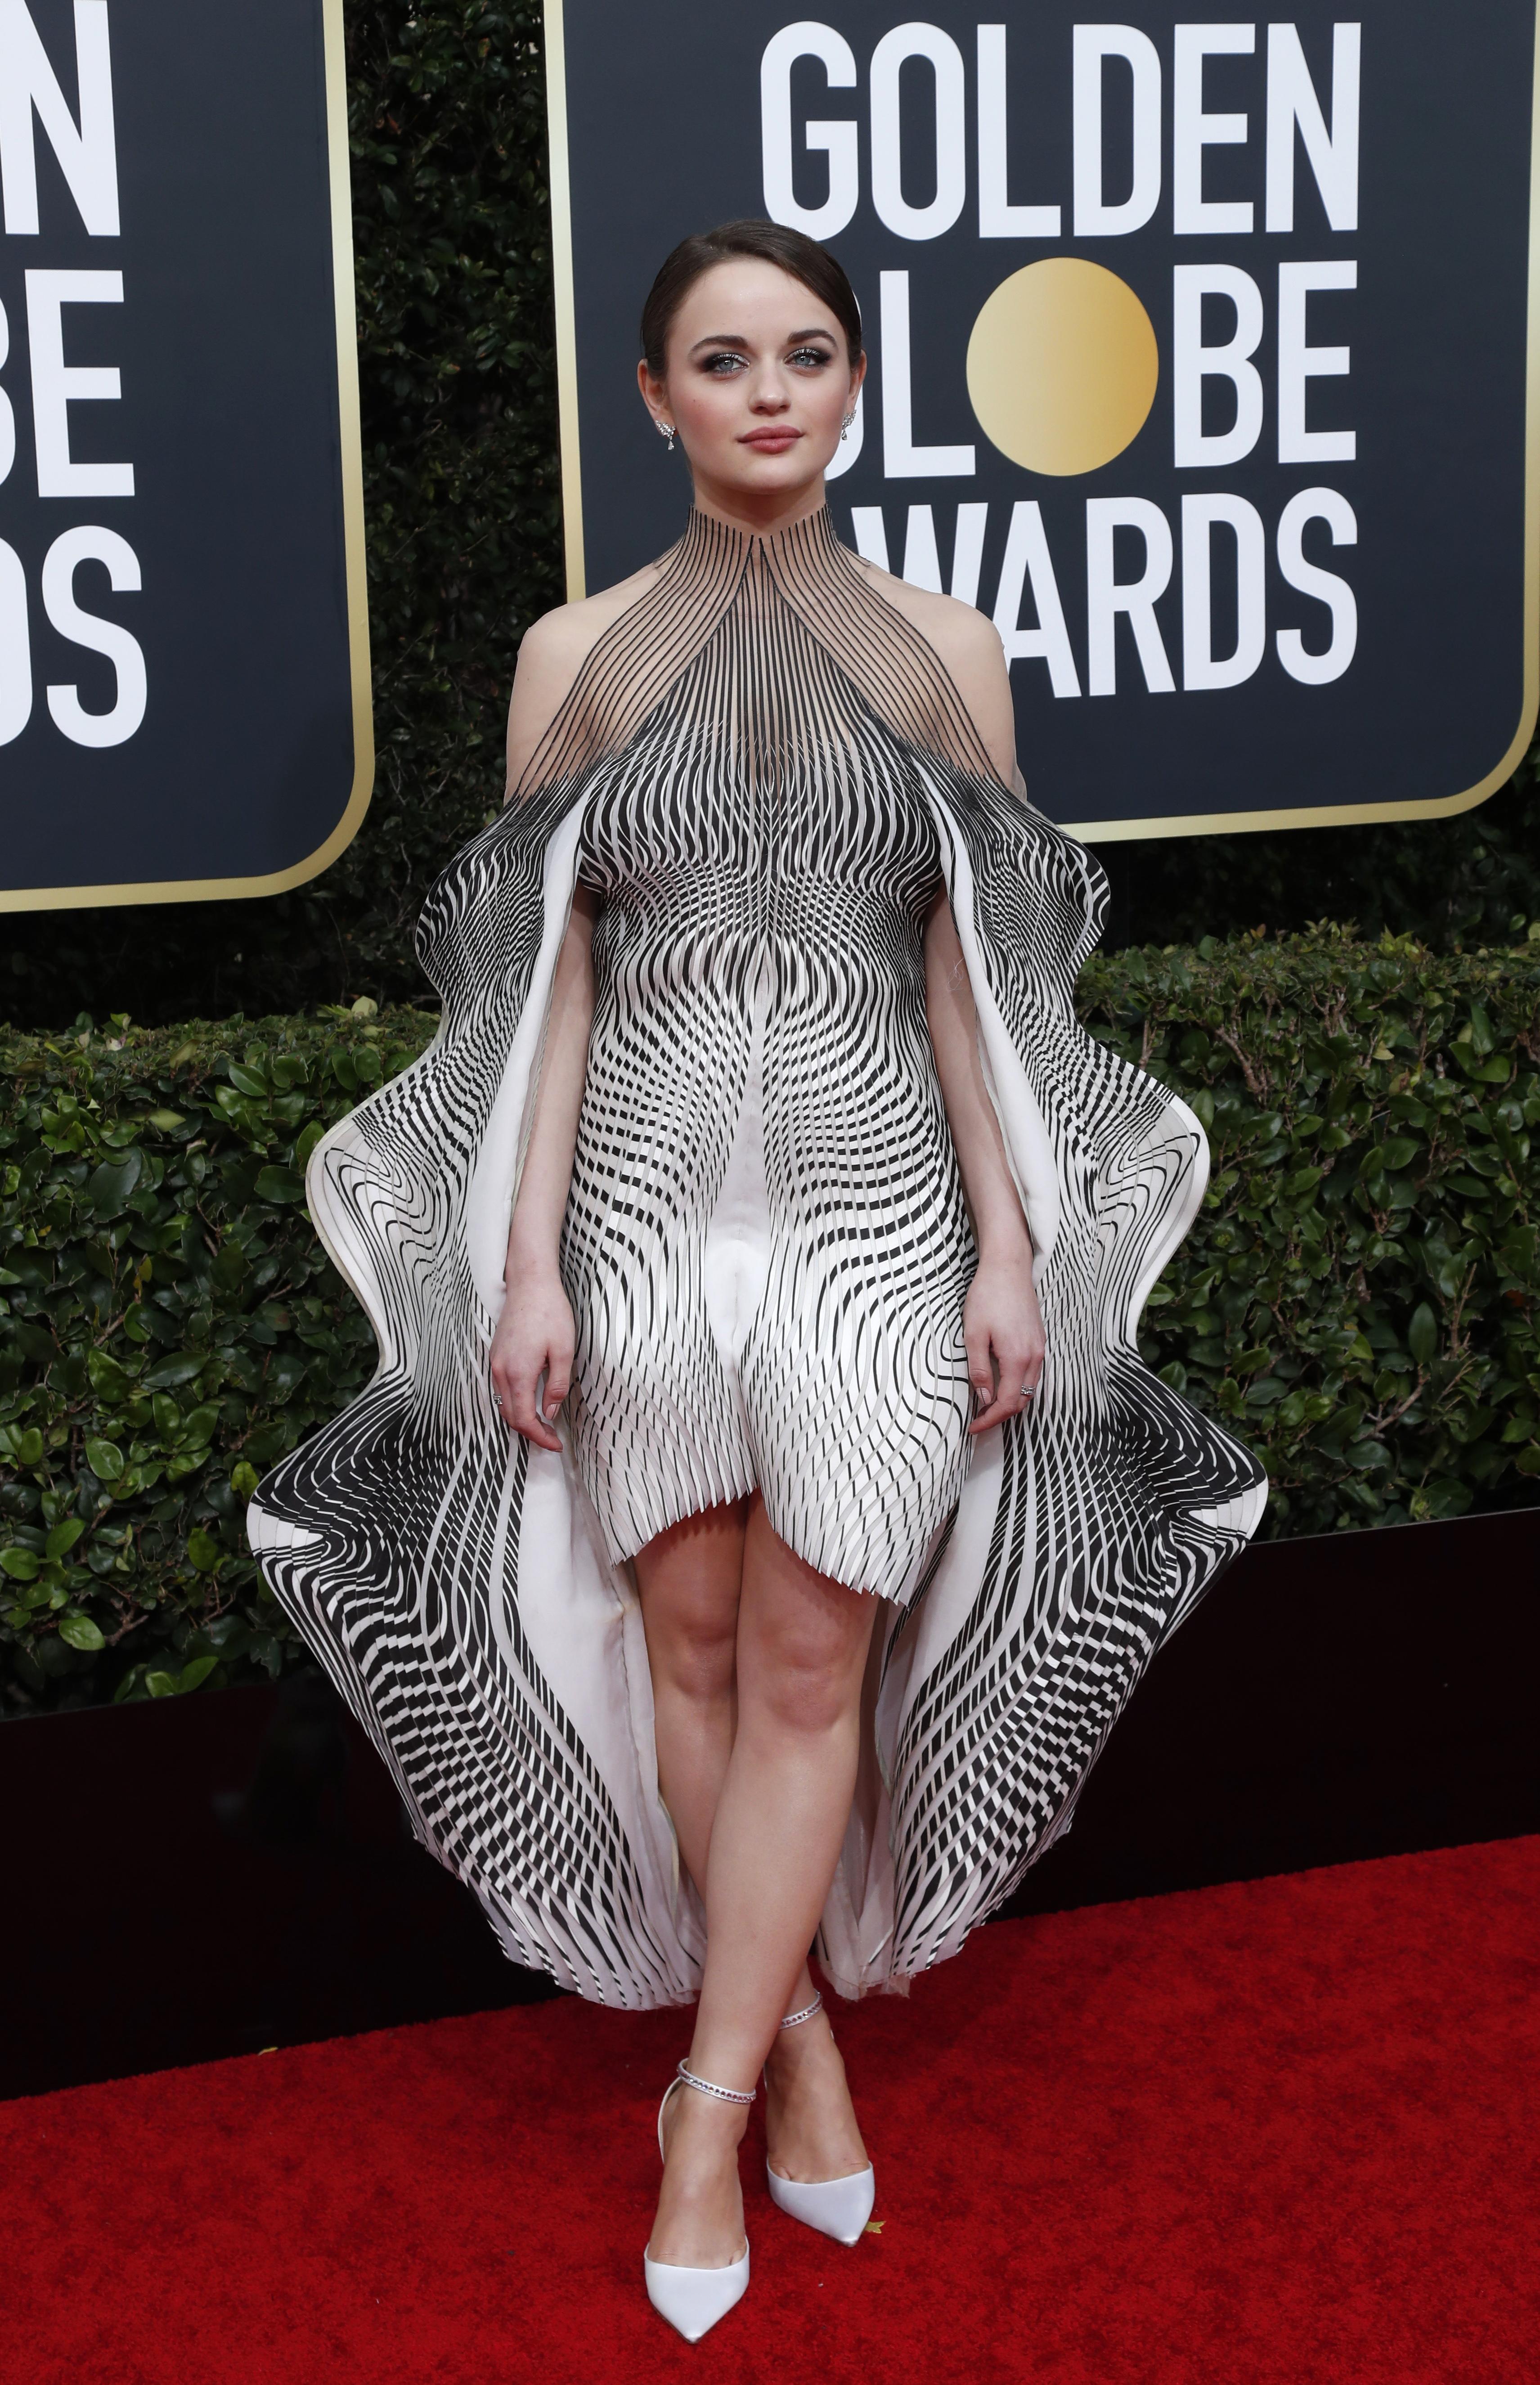 La actriz Joey King apostó a un extravagante diseño en 3D con corte asimétrico y cuello halter. Completó su look con pequeños aros de brillantes y anillos